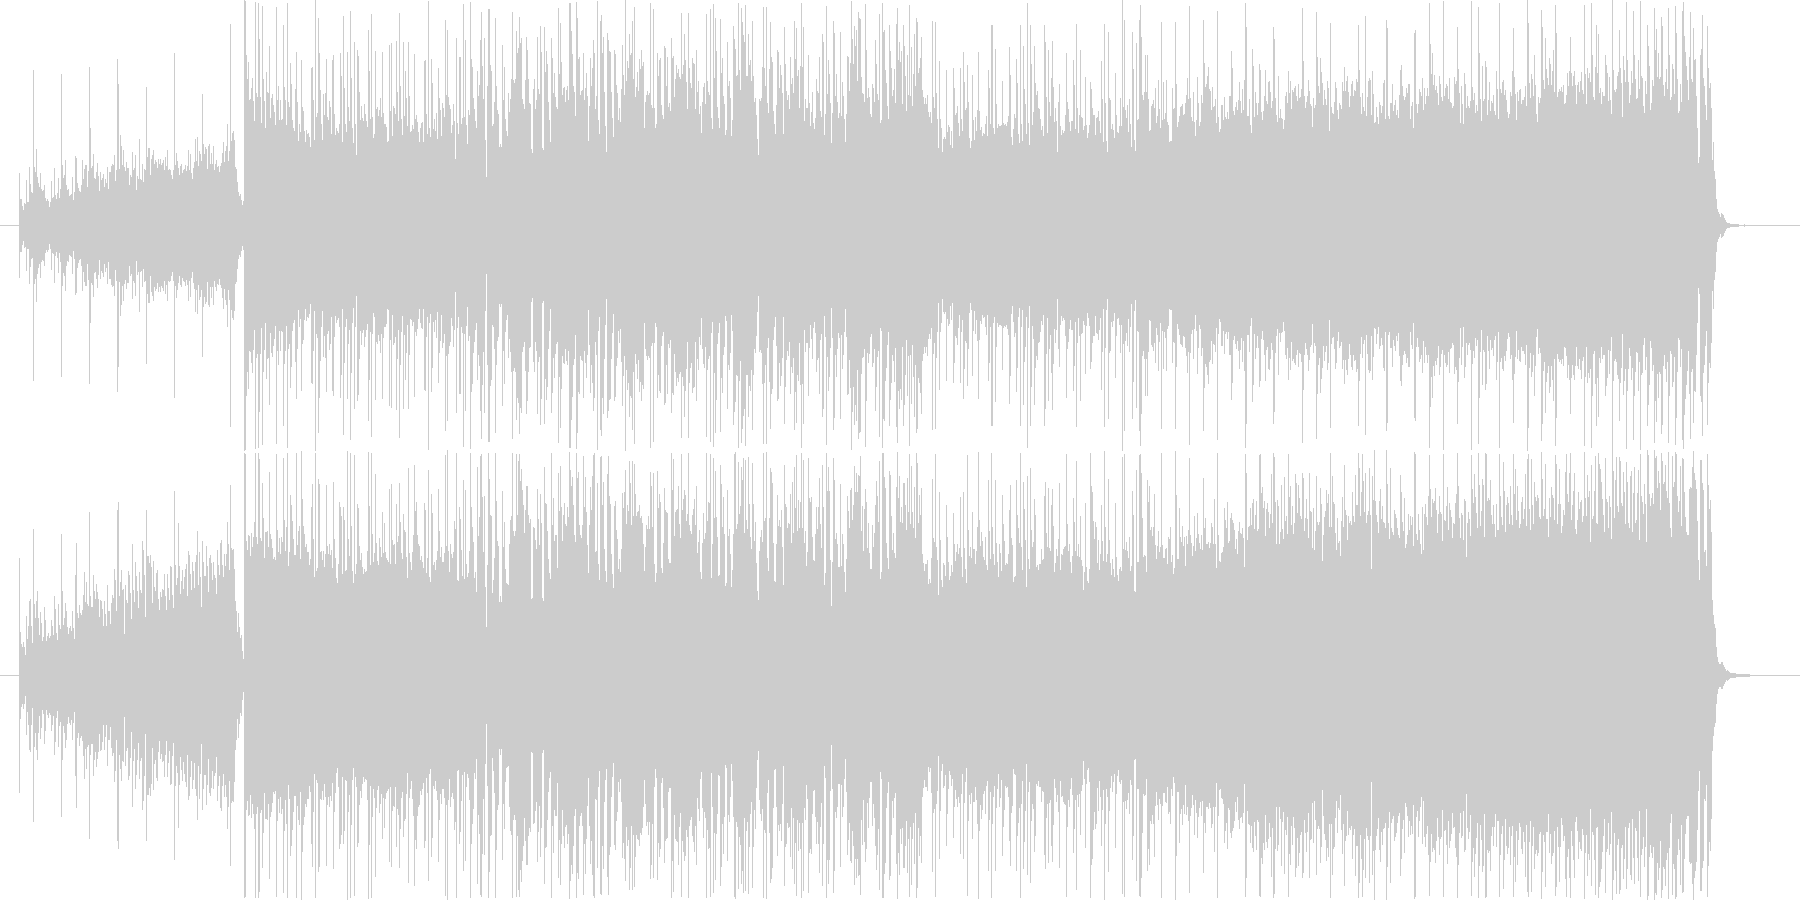 重厚な洋楽ハードロック風ギター/生演奏の未再生の波形